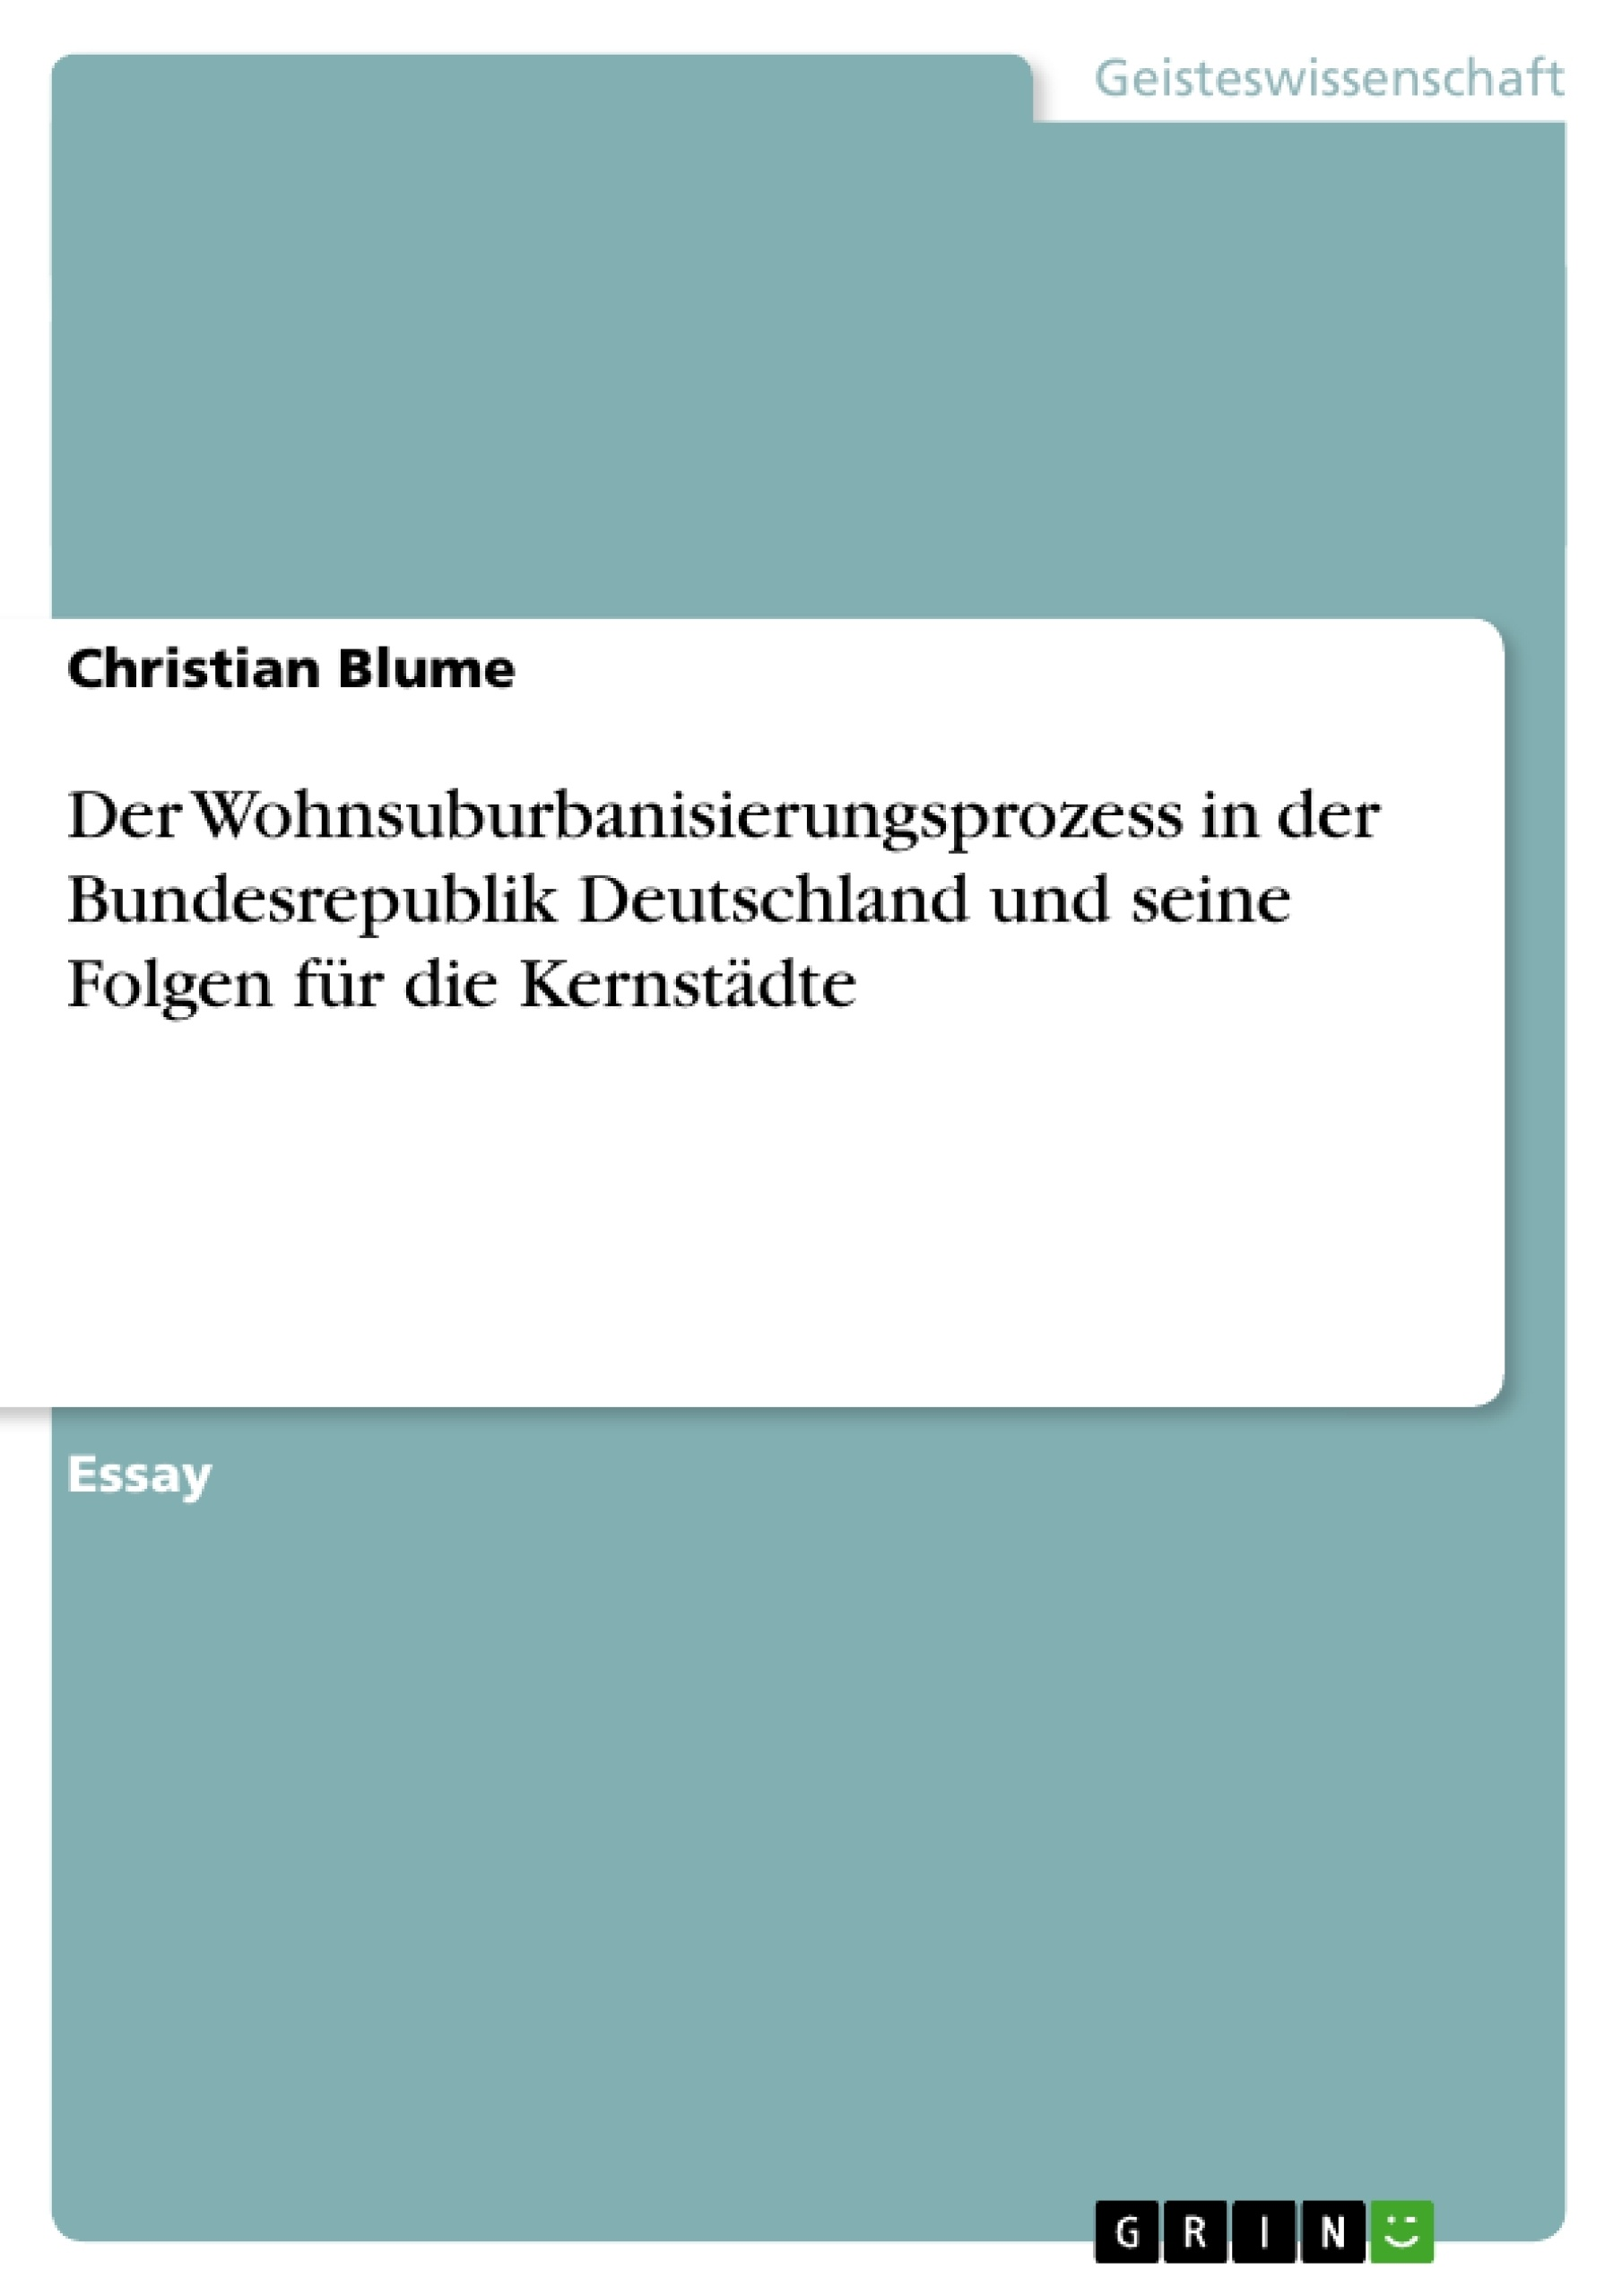 Titel: Der Wohnsuburbanisierungsprozess in der Bundesrepublik Deutschland und seine Folgen für die Kernstädte